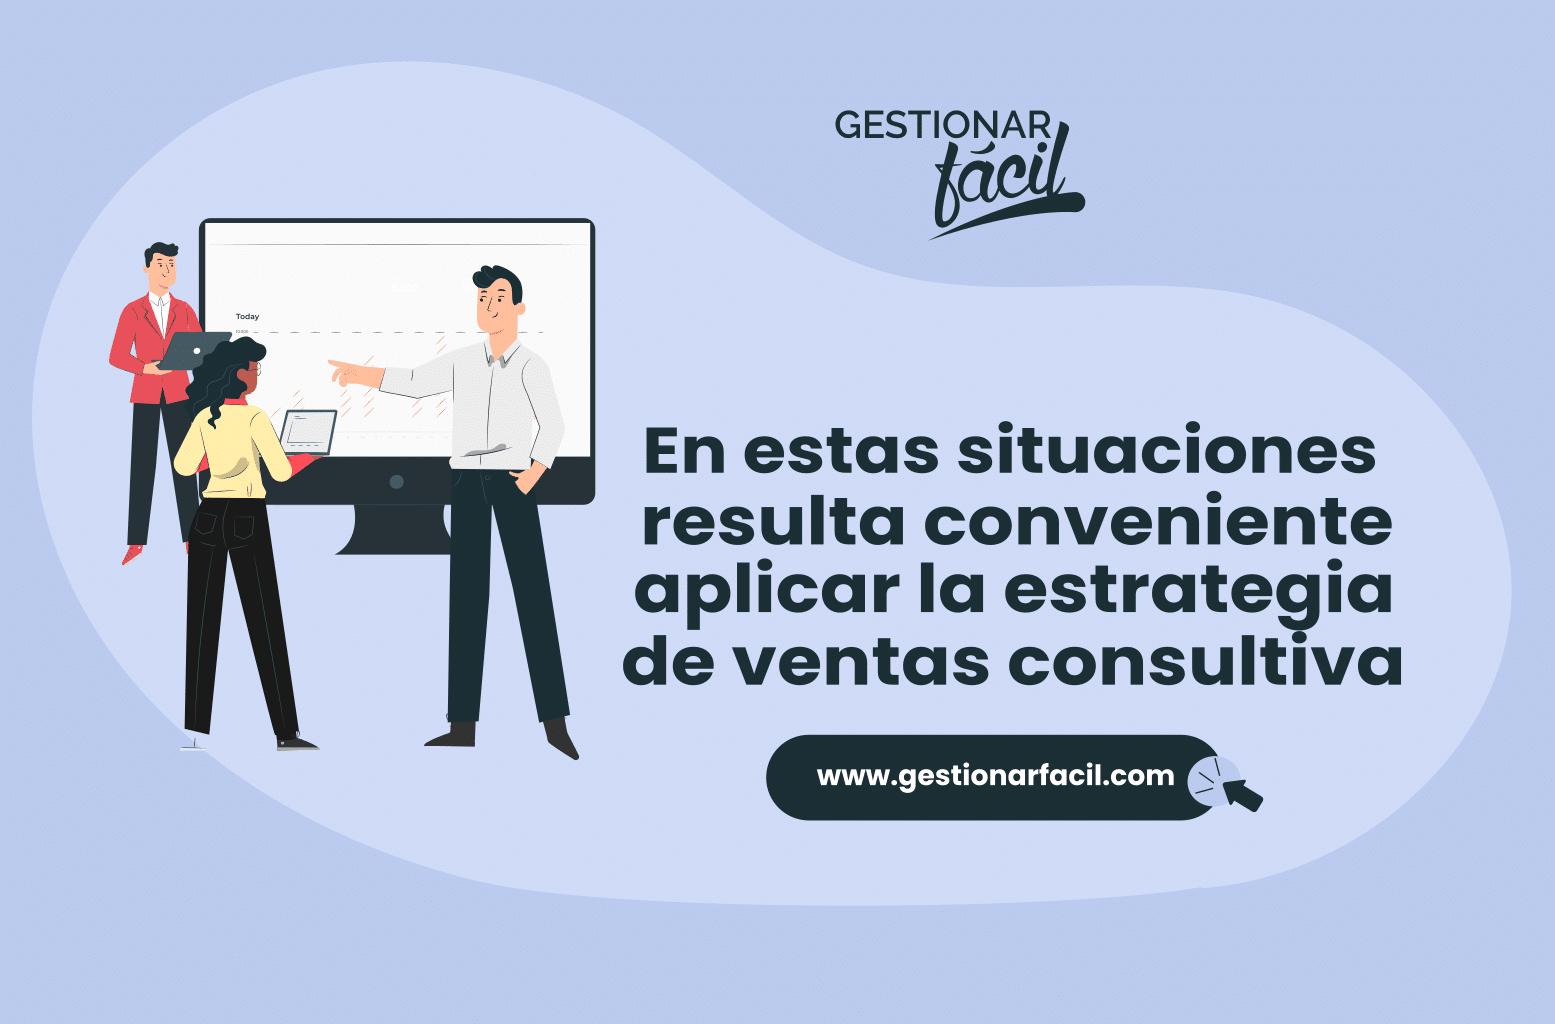 """Venta consultiva: escucha al cliente, formula preguntas y ayuda a solucionar su problema o """"dolor""""."""